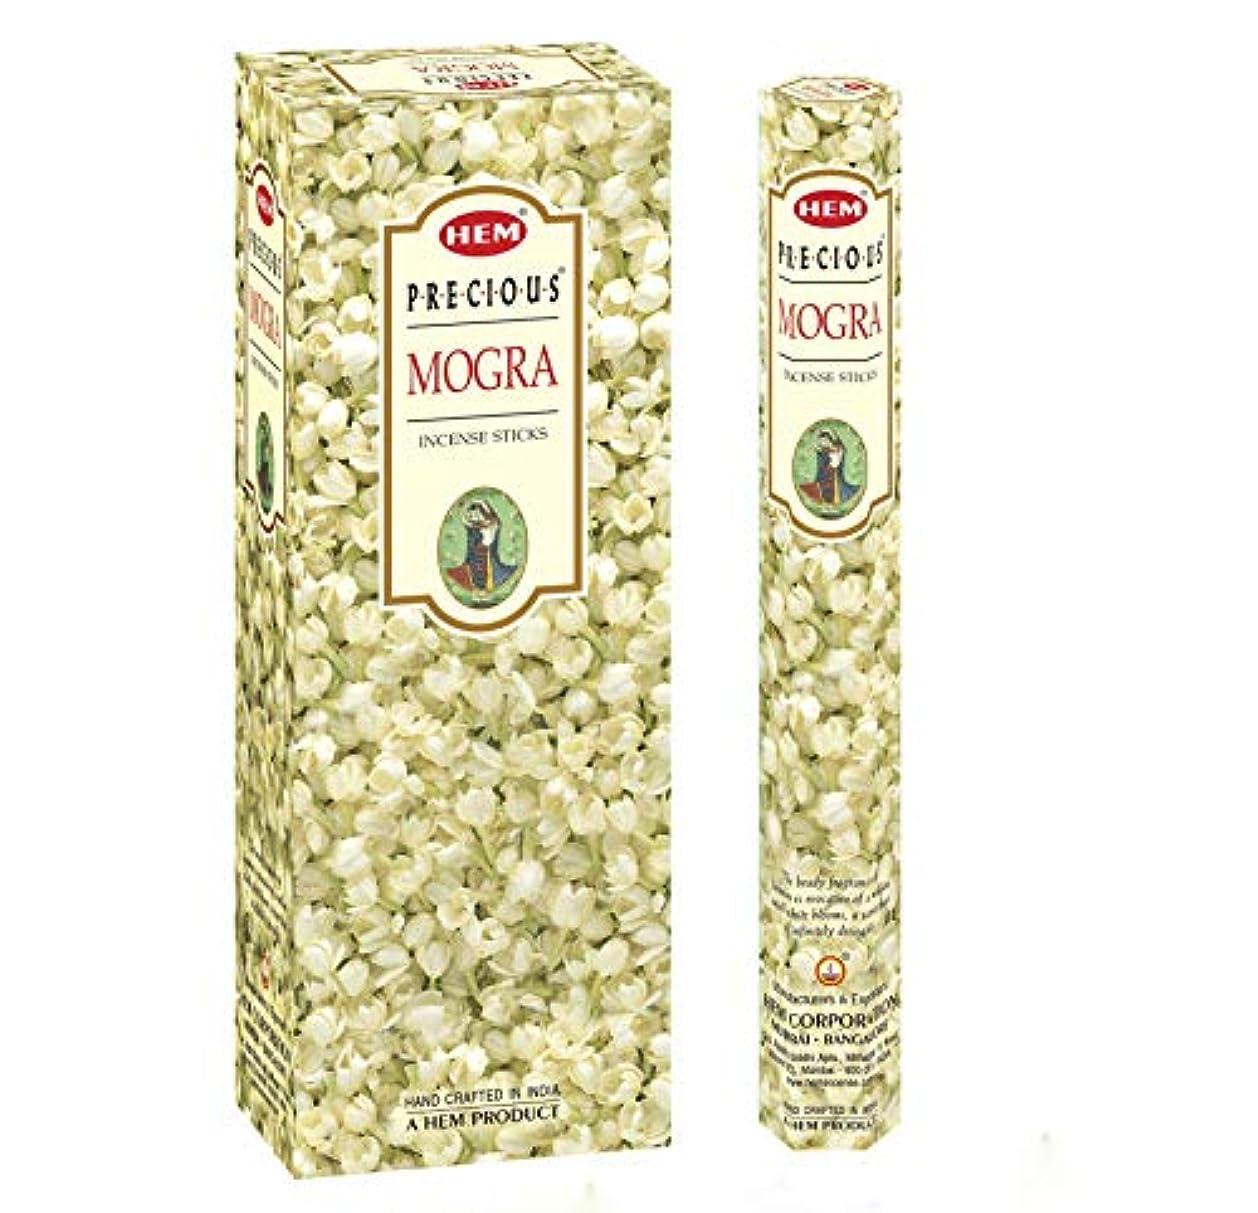 偶然ポンペイ証明書Precious Mogra – ボックスof 6つ20スティックチューブ、120 Sticks合計 – 裾Incense